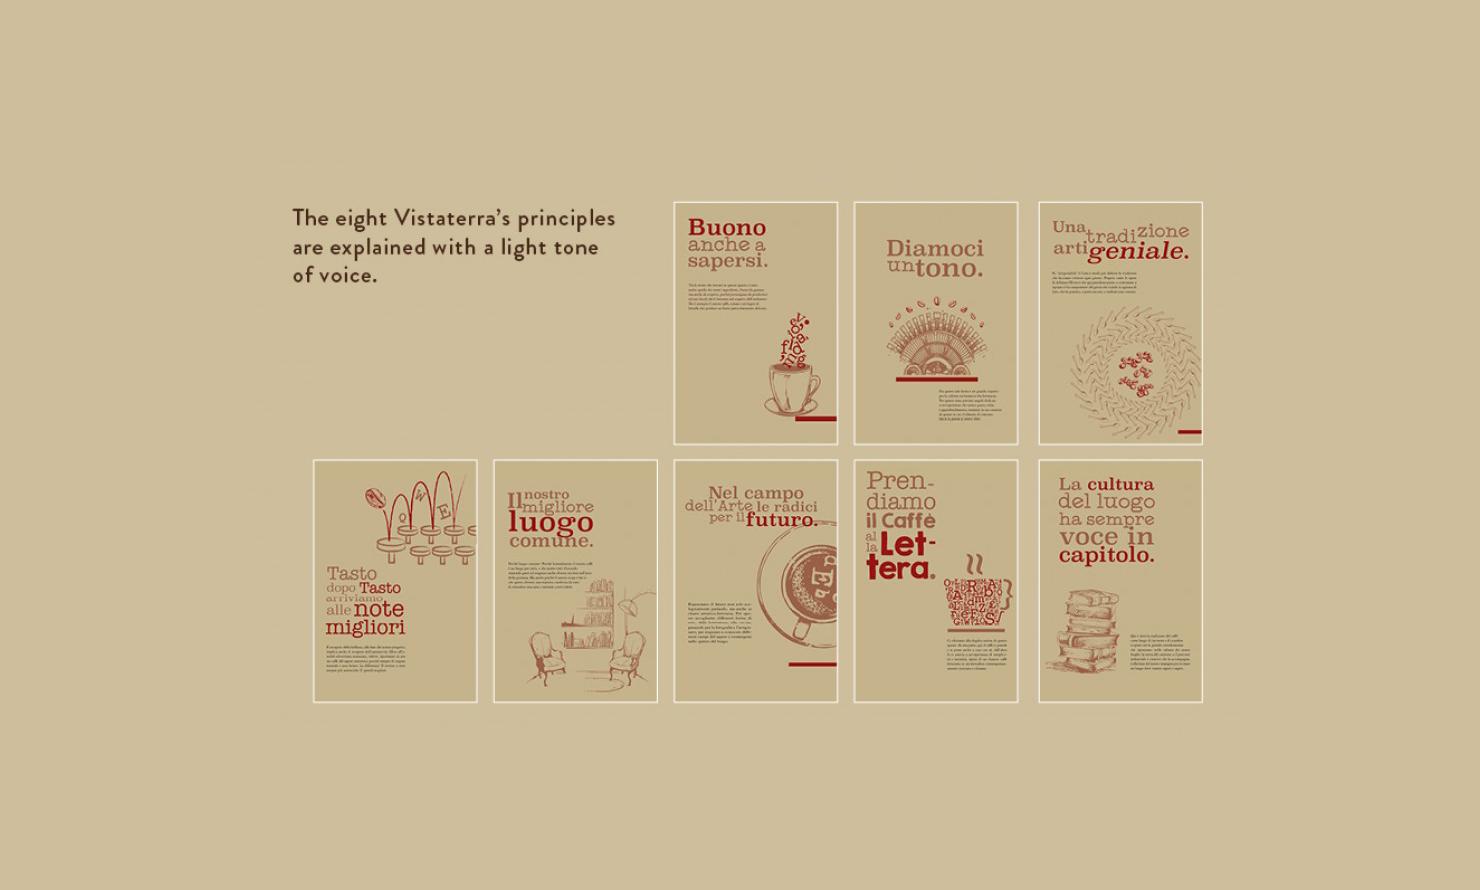 https://kubelibre.com/uploads/Slider-work-tutti-clienti/manital-vistaterra-caffè-alla-lettera-la-caffetteria-di-vistaterra-4.jpg